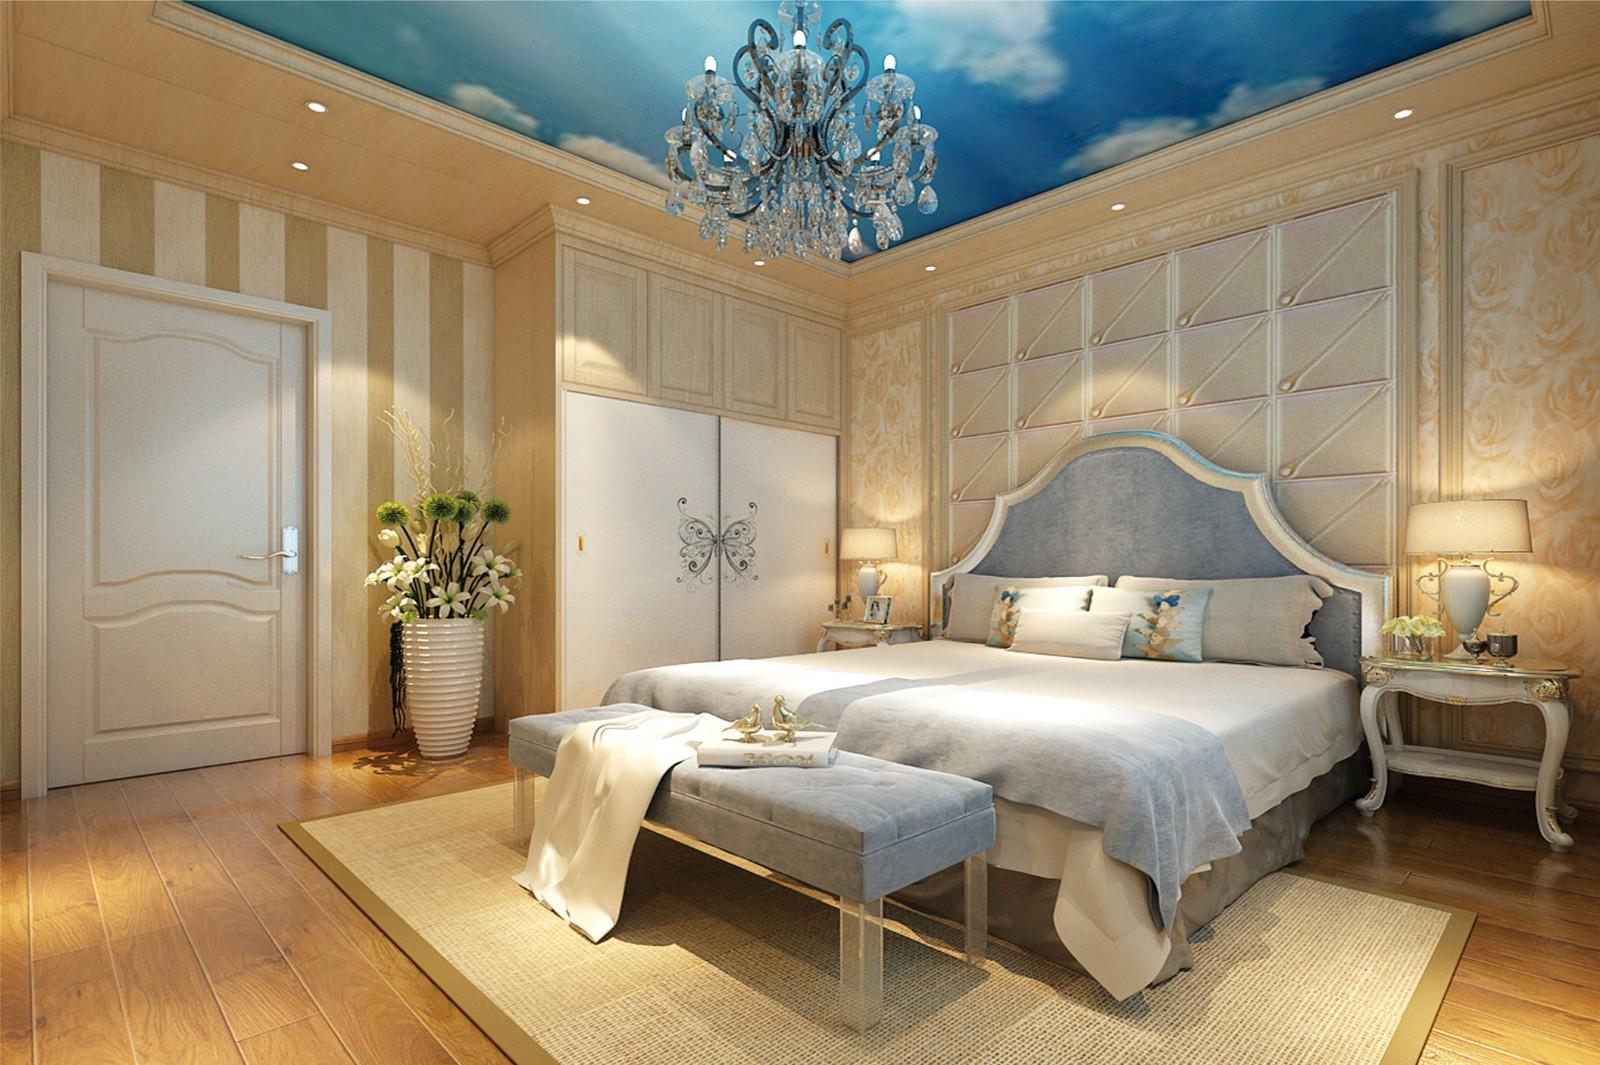 4室2厅3卫180平米复式简欧平安彩票网